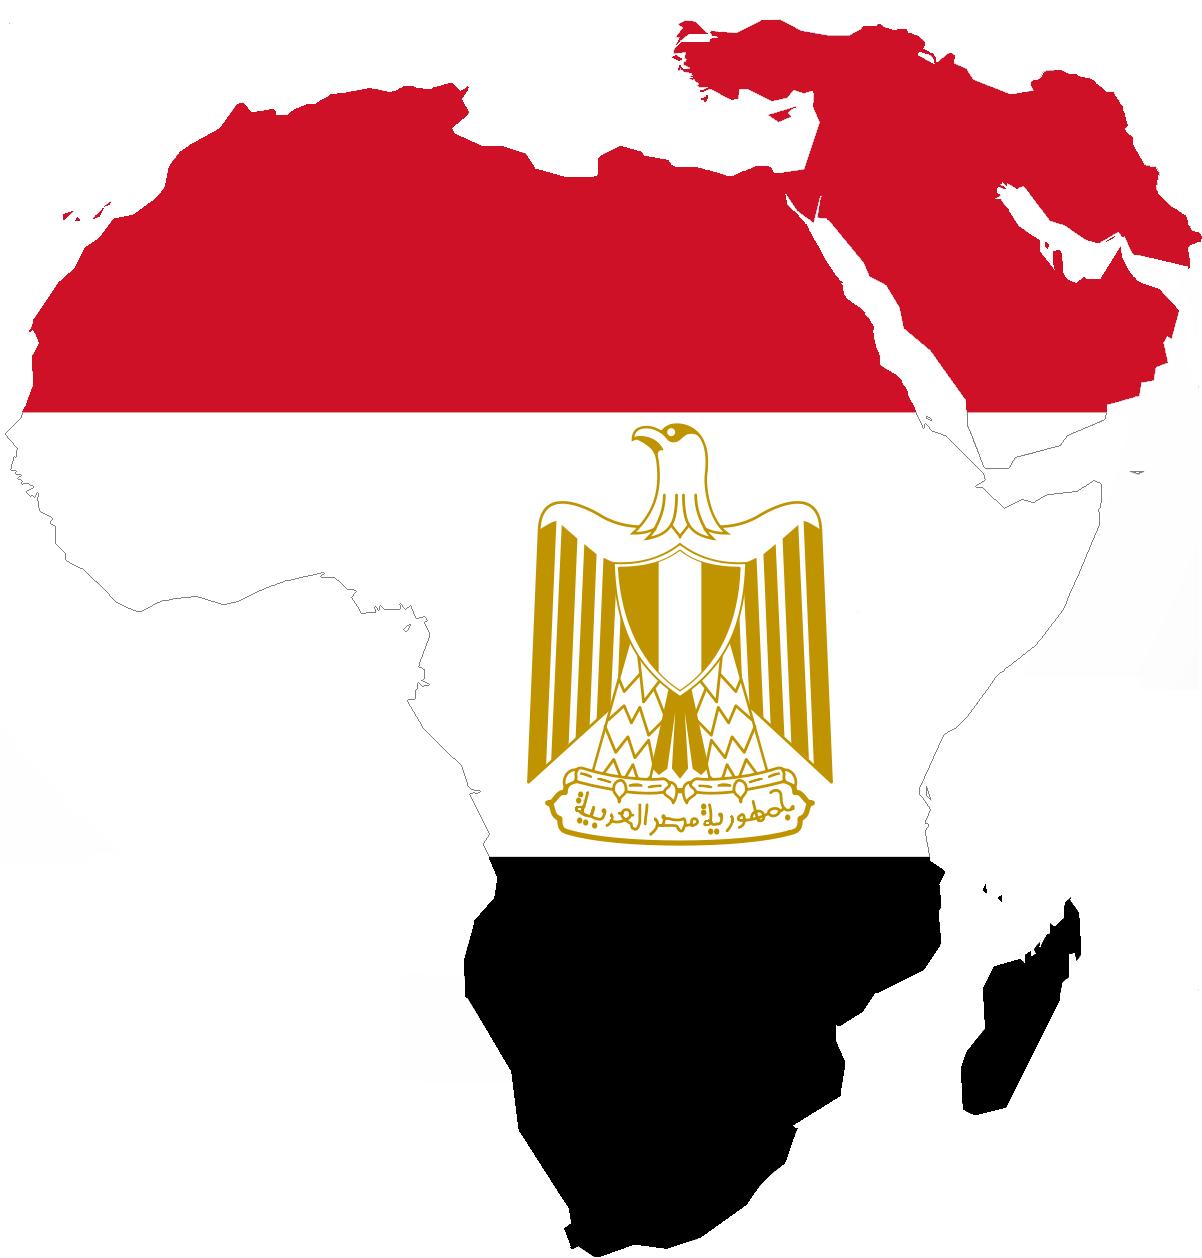 احلي صور علم مصر (1)